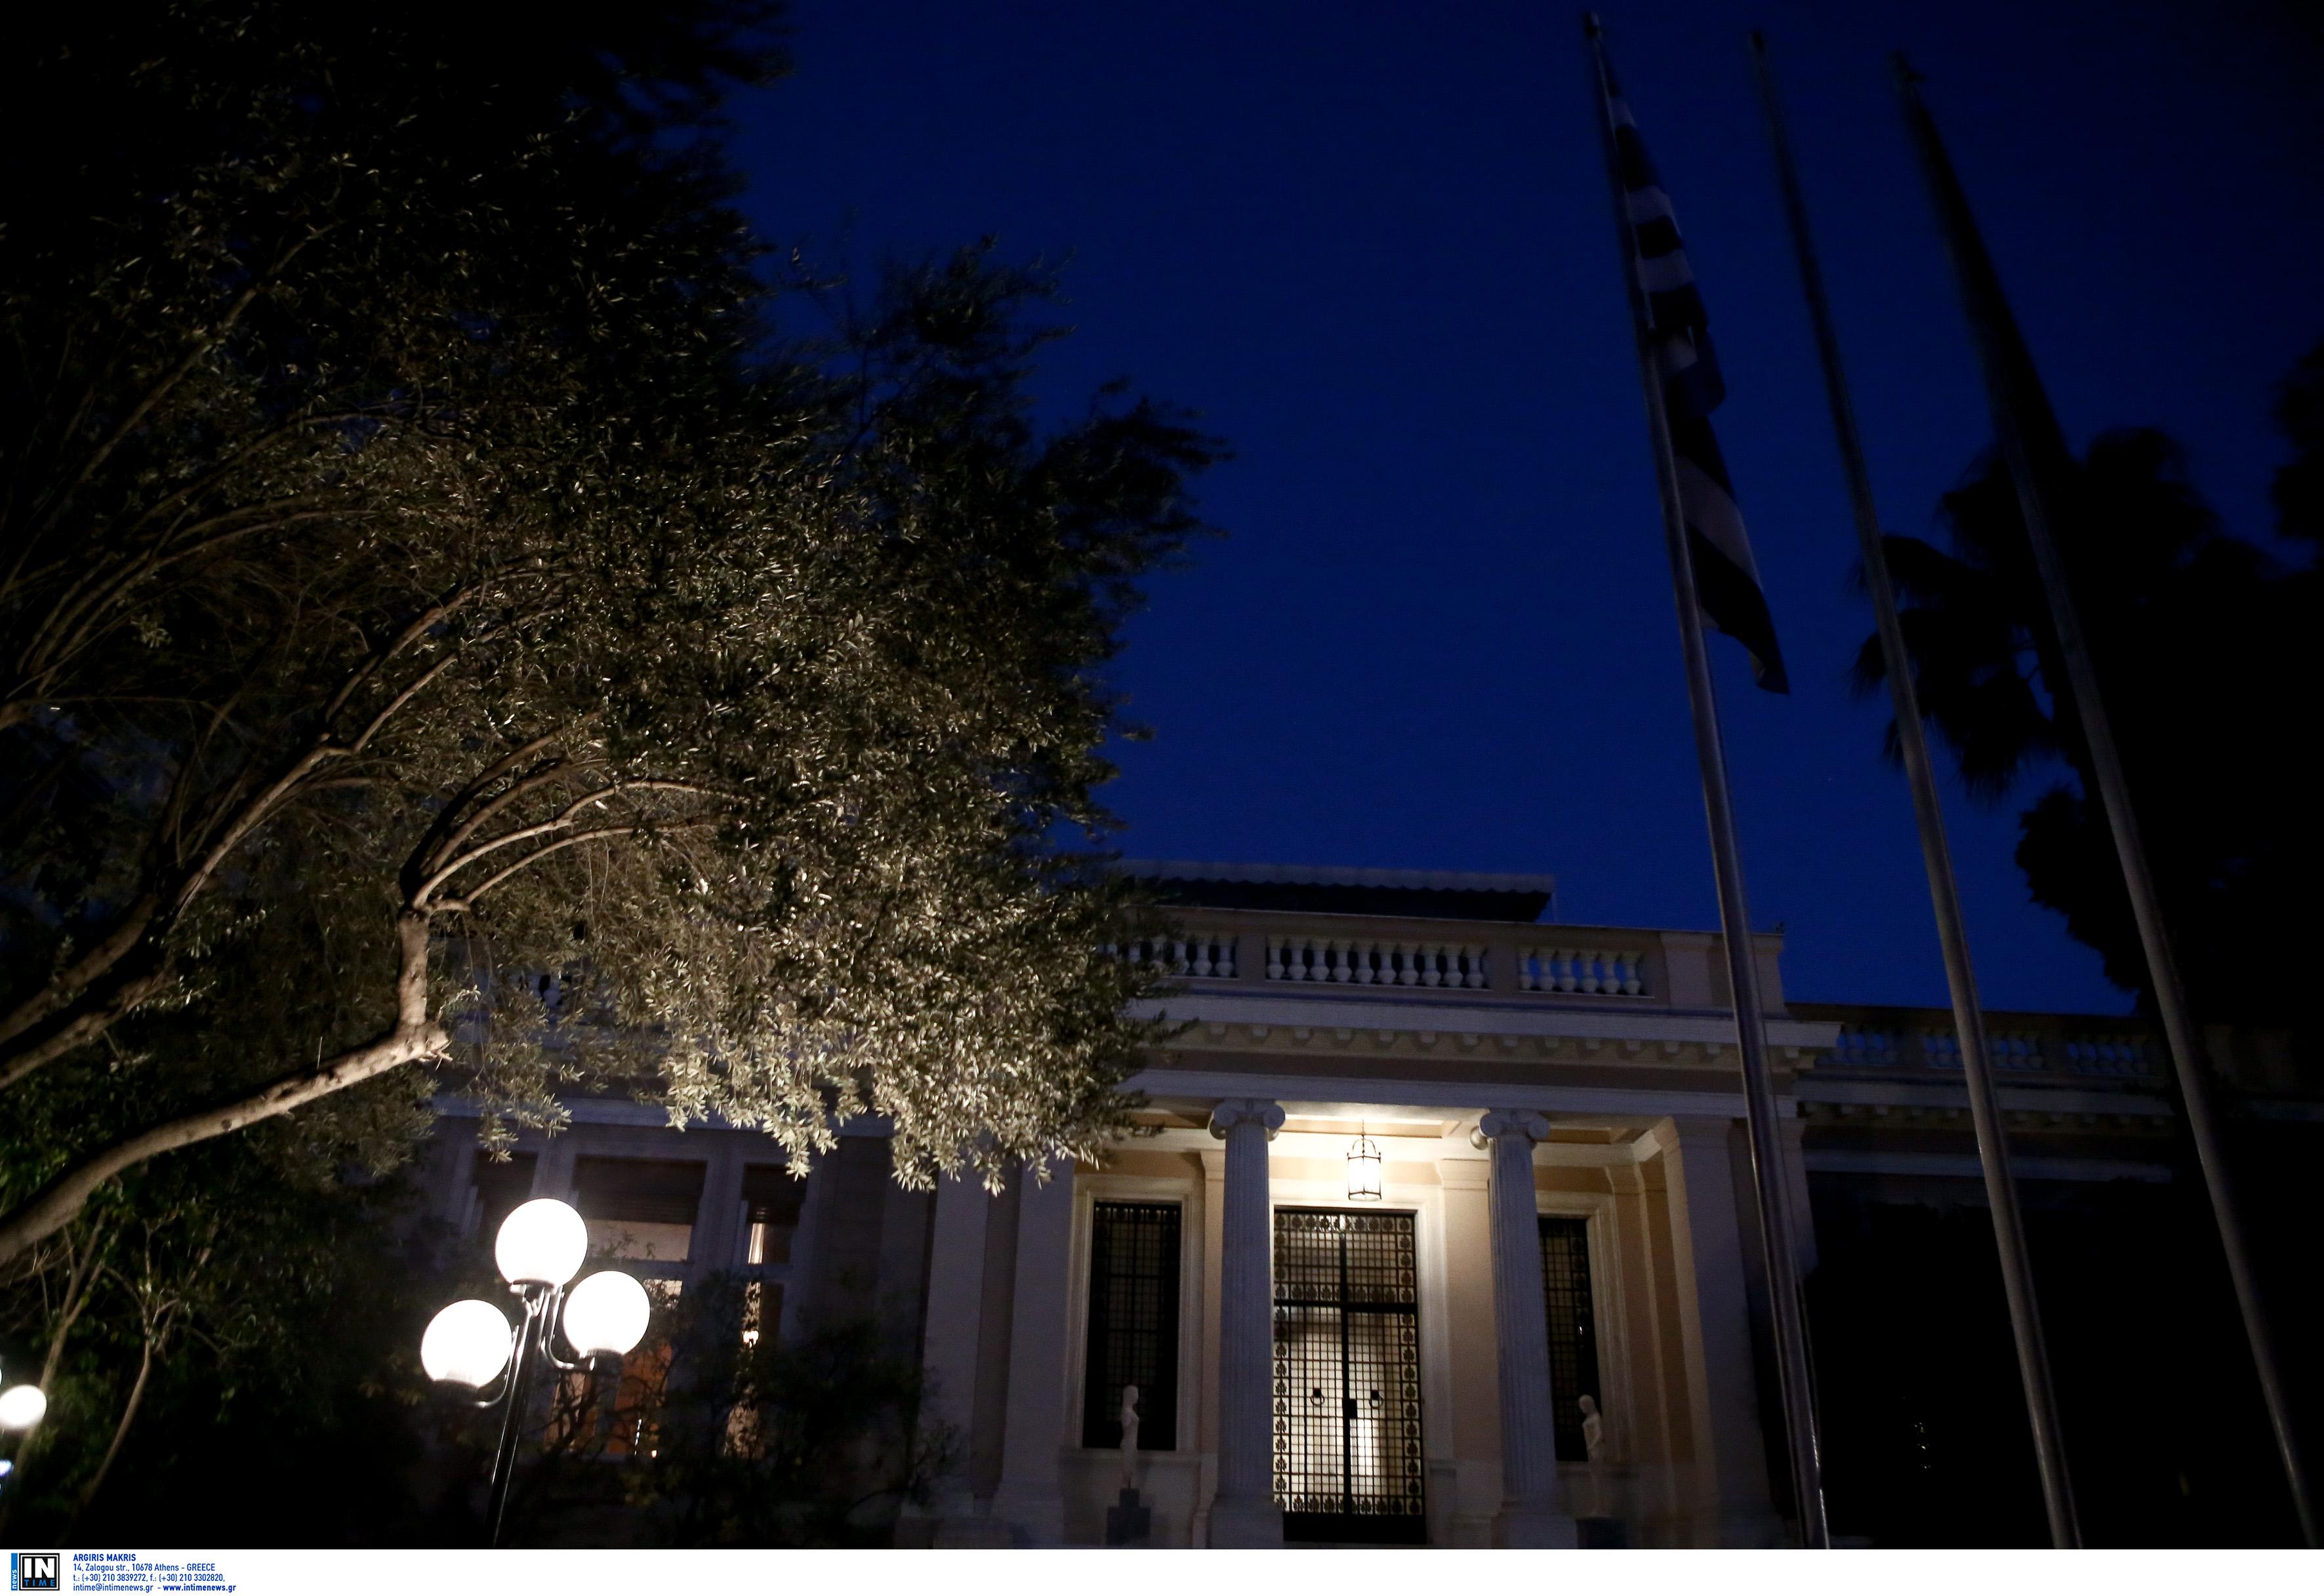 Κυβερνητικοί κύκλοι: Ο ΣΥΡΙΖΑ αντί να ψαρεύει στα θολά νερά ας απαντήσει καθαρά